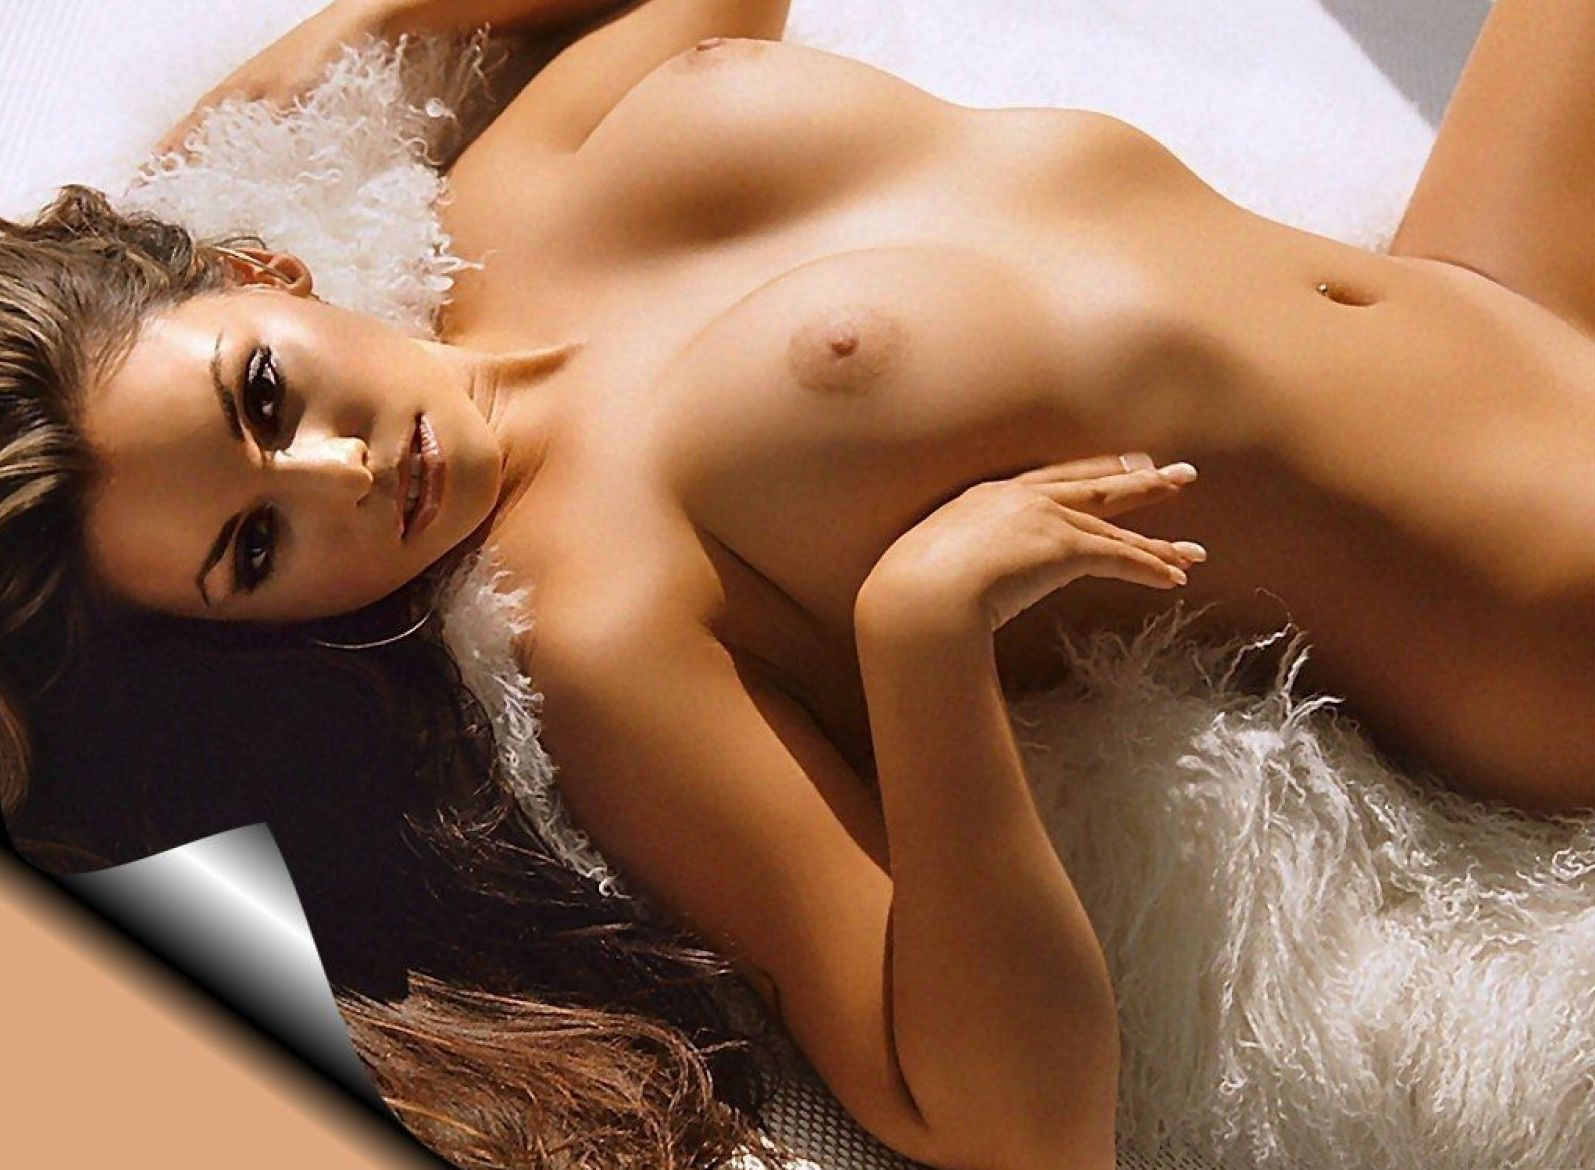 Смотреть фото голых девушек без регистрации бесплатно 7 фотография